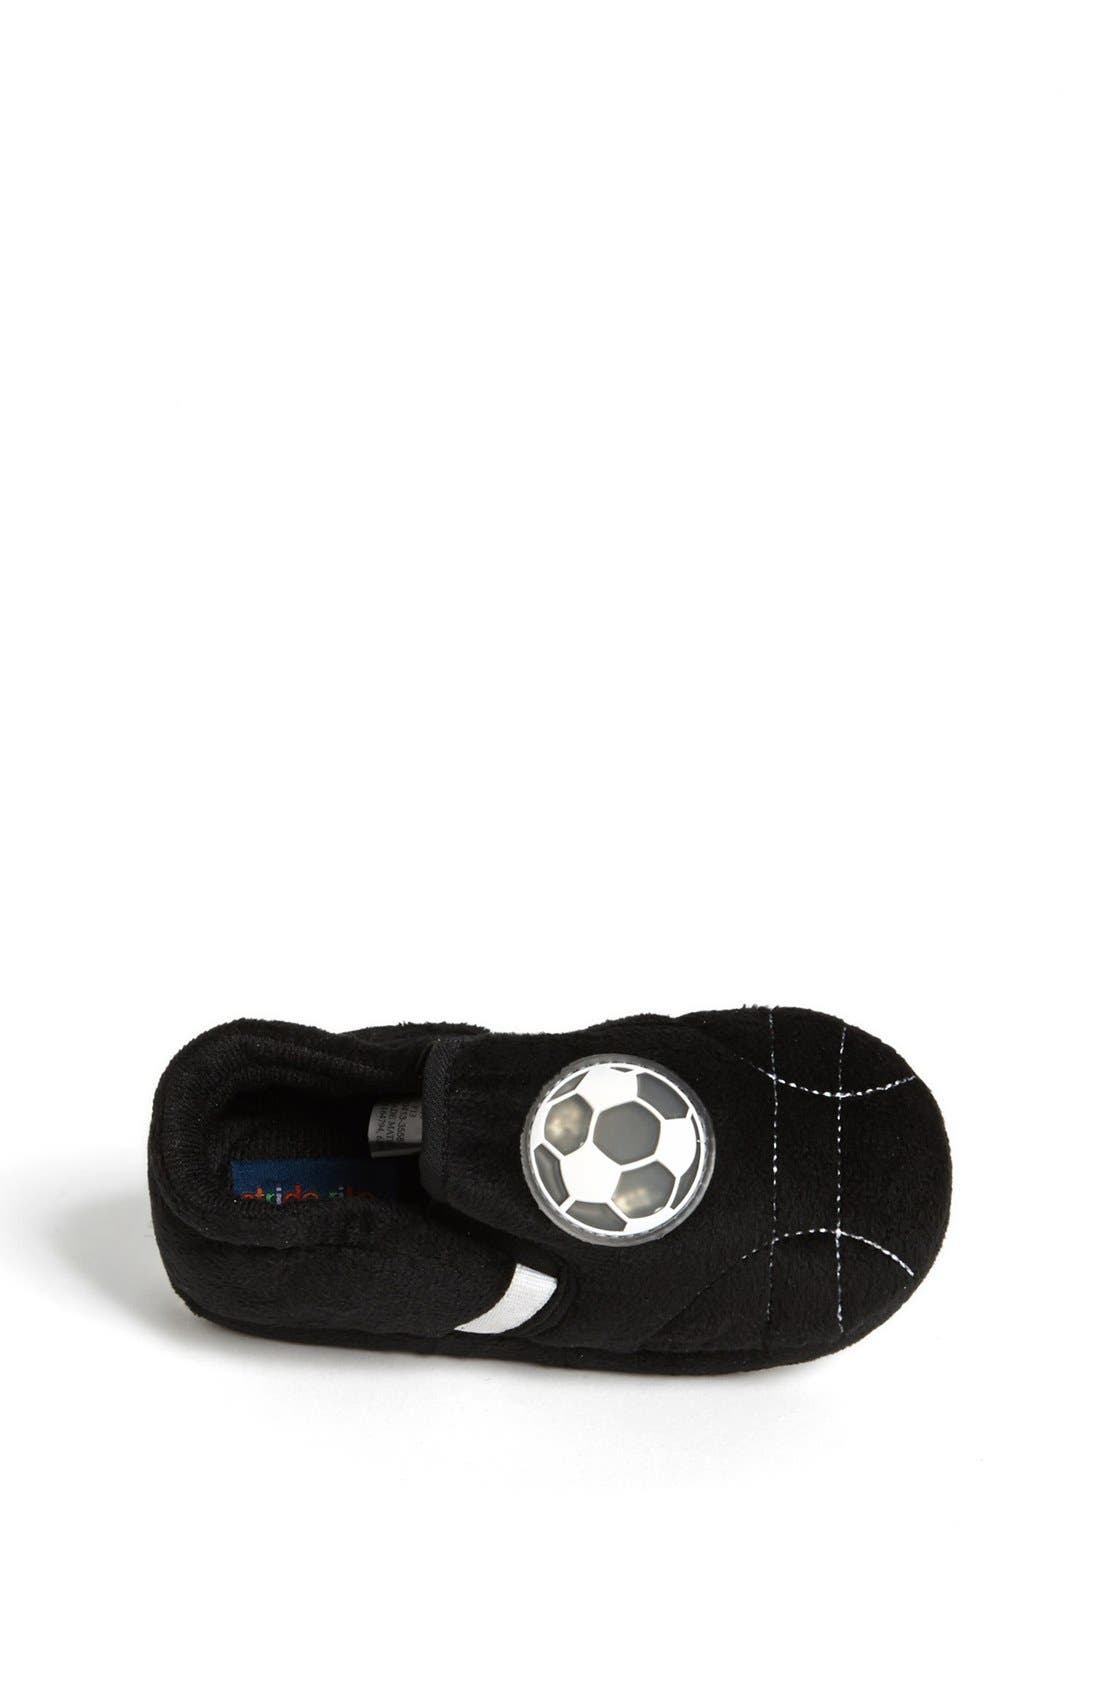 Alternate Image 3  - Stride Rite Light Up Soccer Ball Slippers (Toddler & Little Kid)